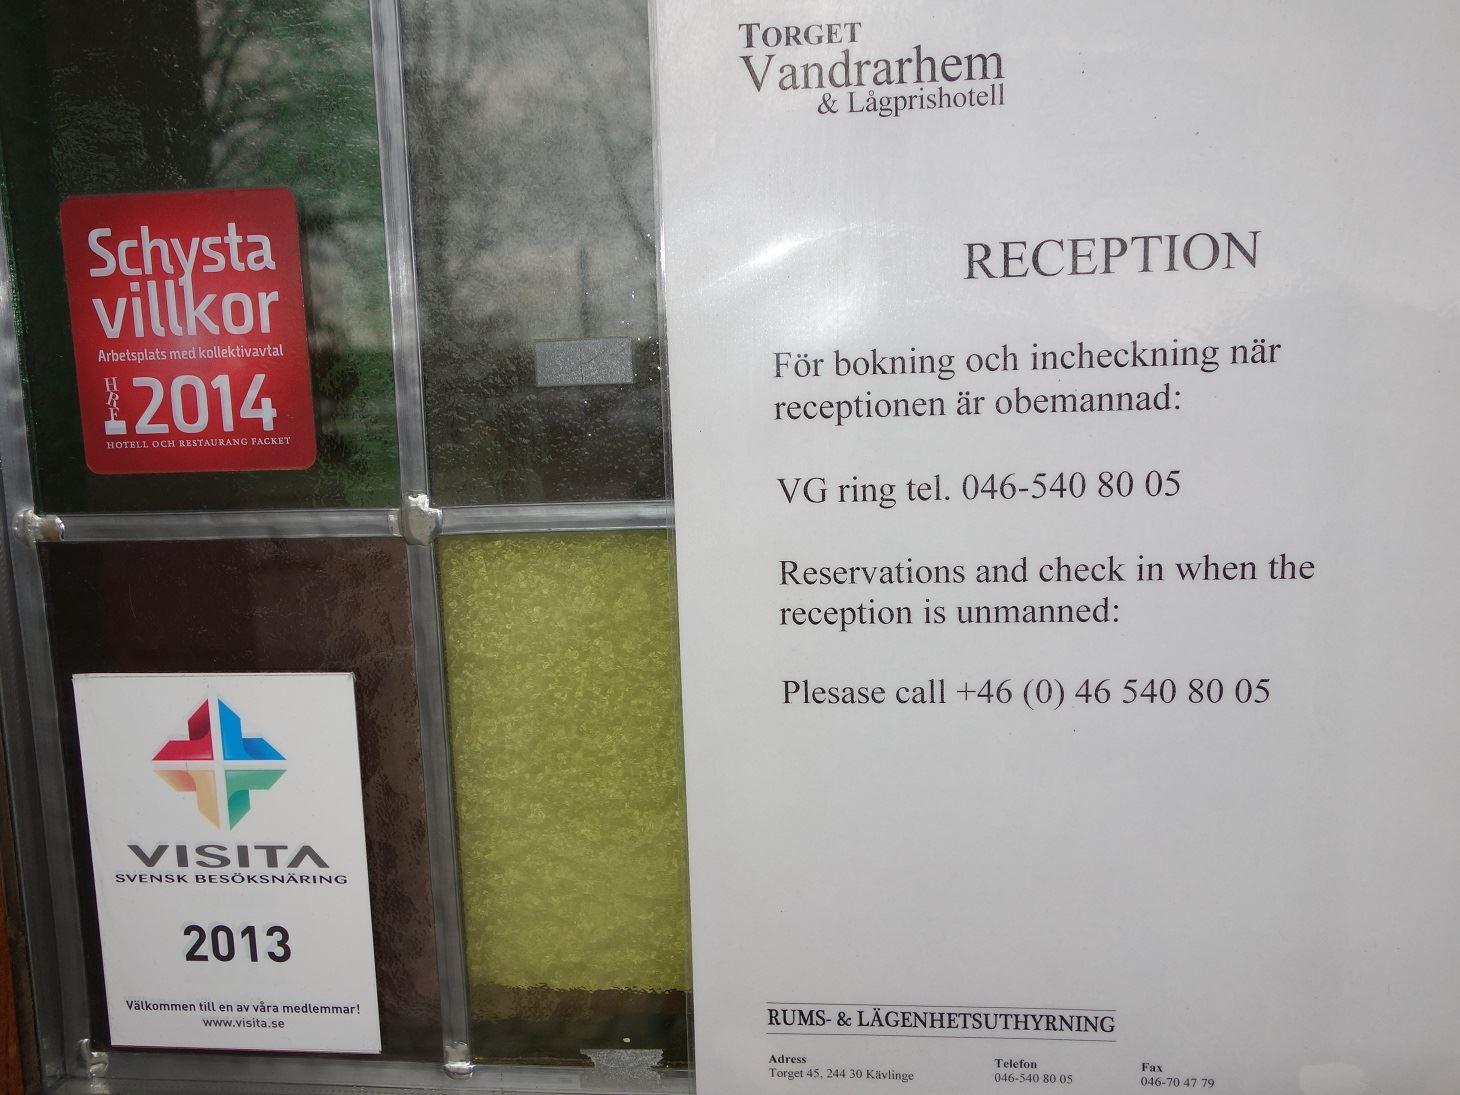 Torget Hostel in Kävlinge, SVIF